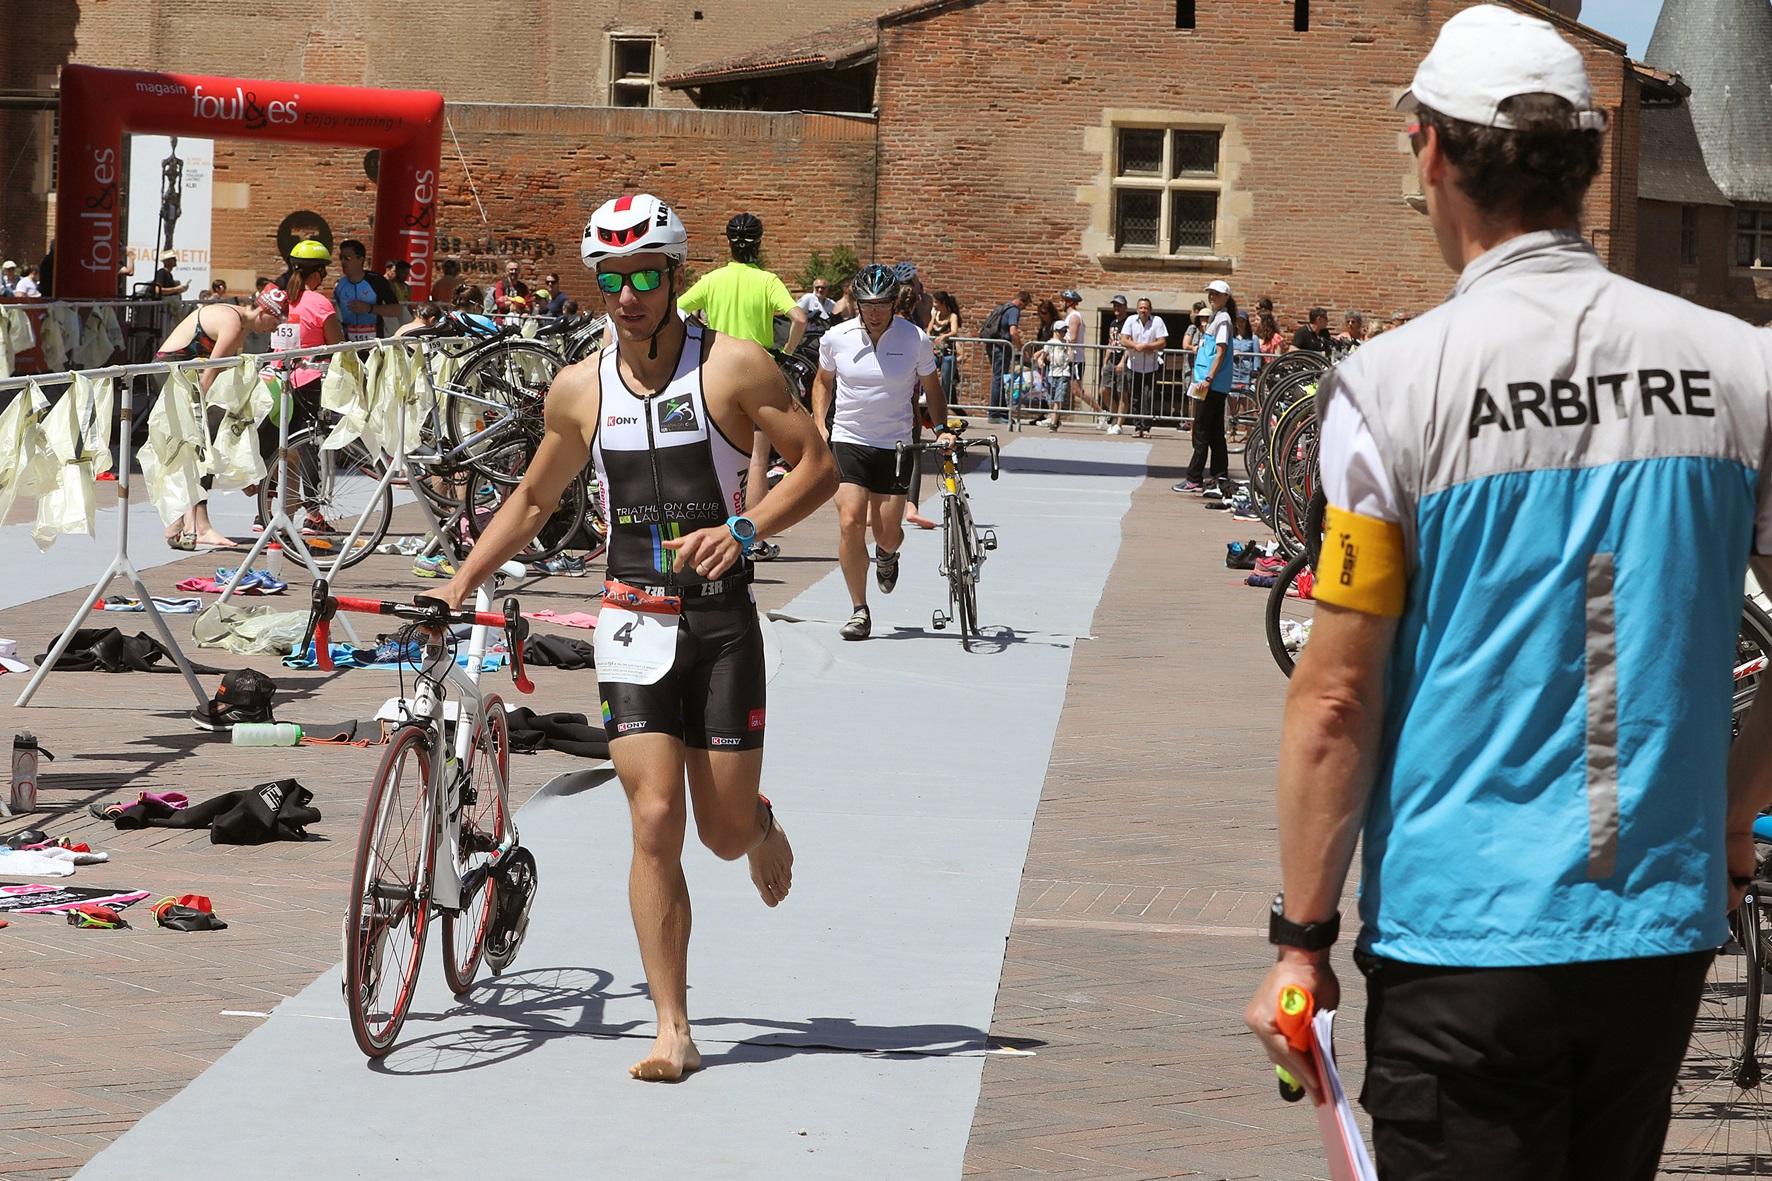 Triathlon & règlement : quelle est la réglementation ?